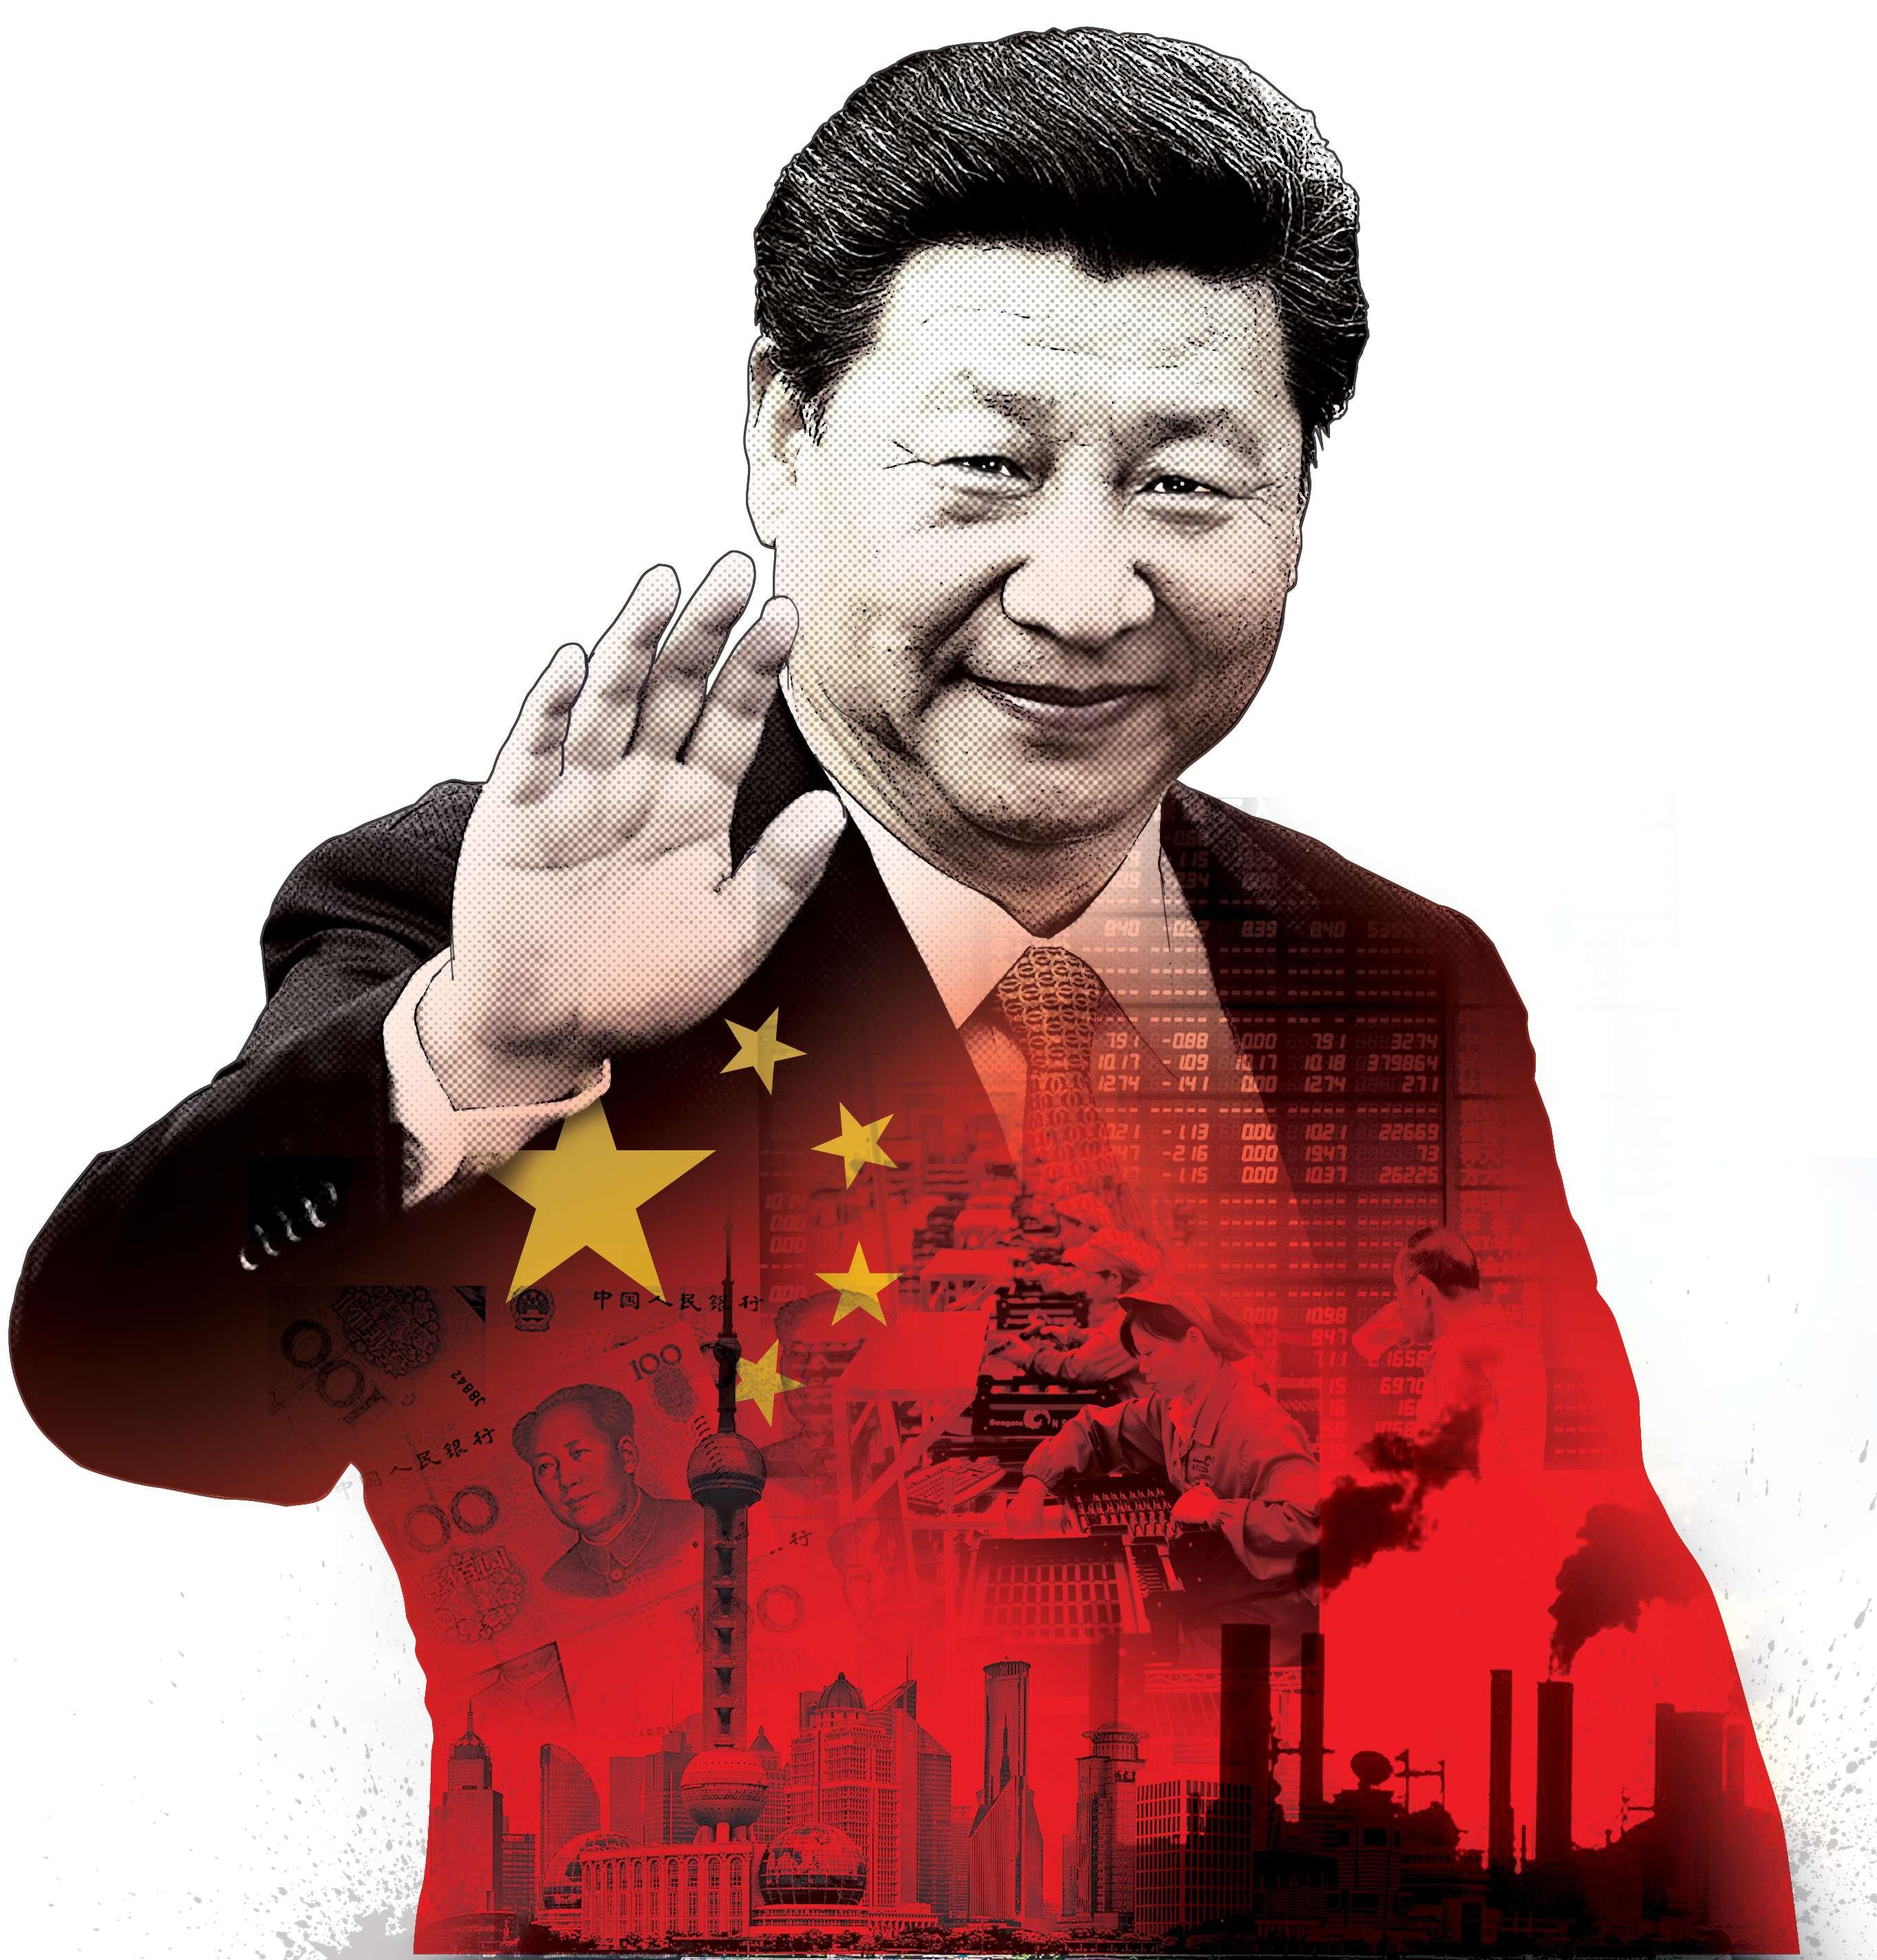 चीन-अमरीका के 'शीतयुद्ध 2.0' में भारत किस तरफ करेगा रुख?